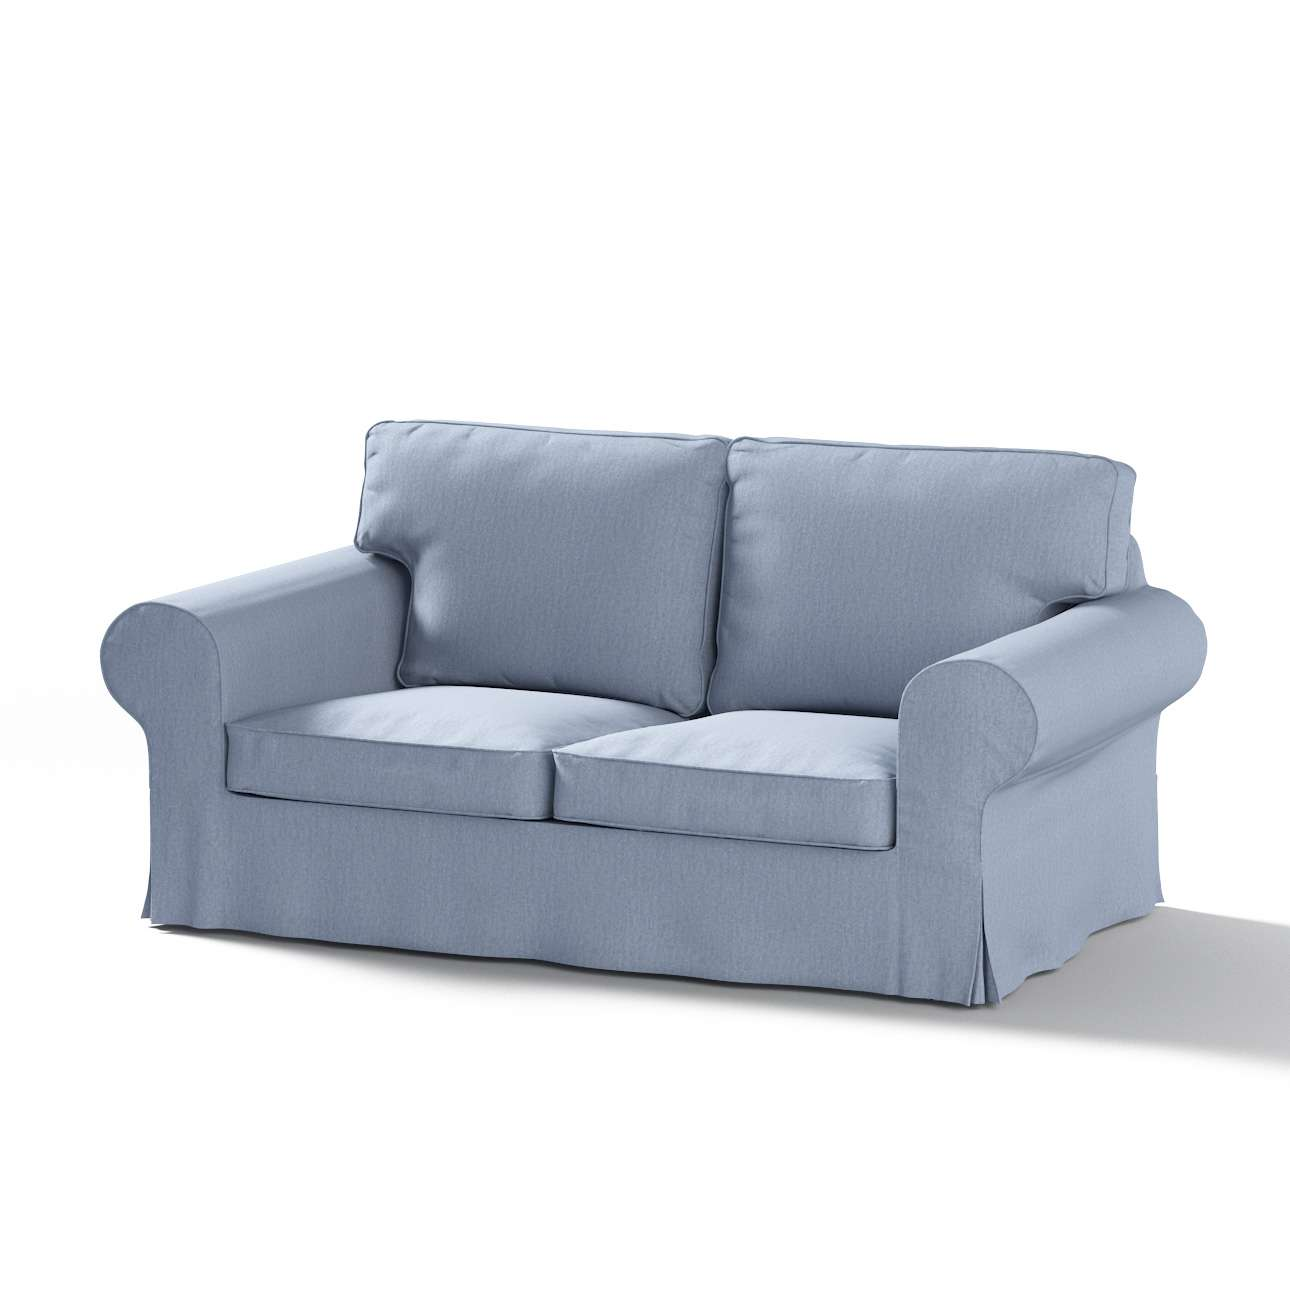 Pokrowiec na sofę Ektorp 2-osobową rozkładaną, model po 2012 w kolekcji Chenille, tkanina: 702-13